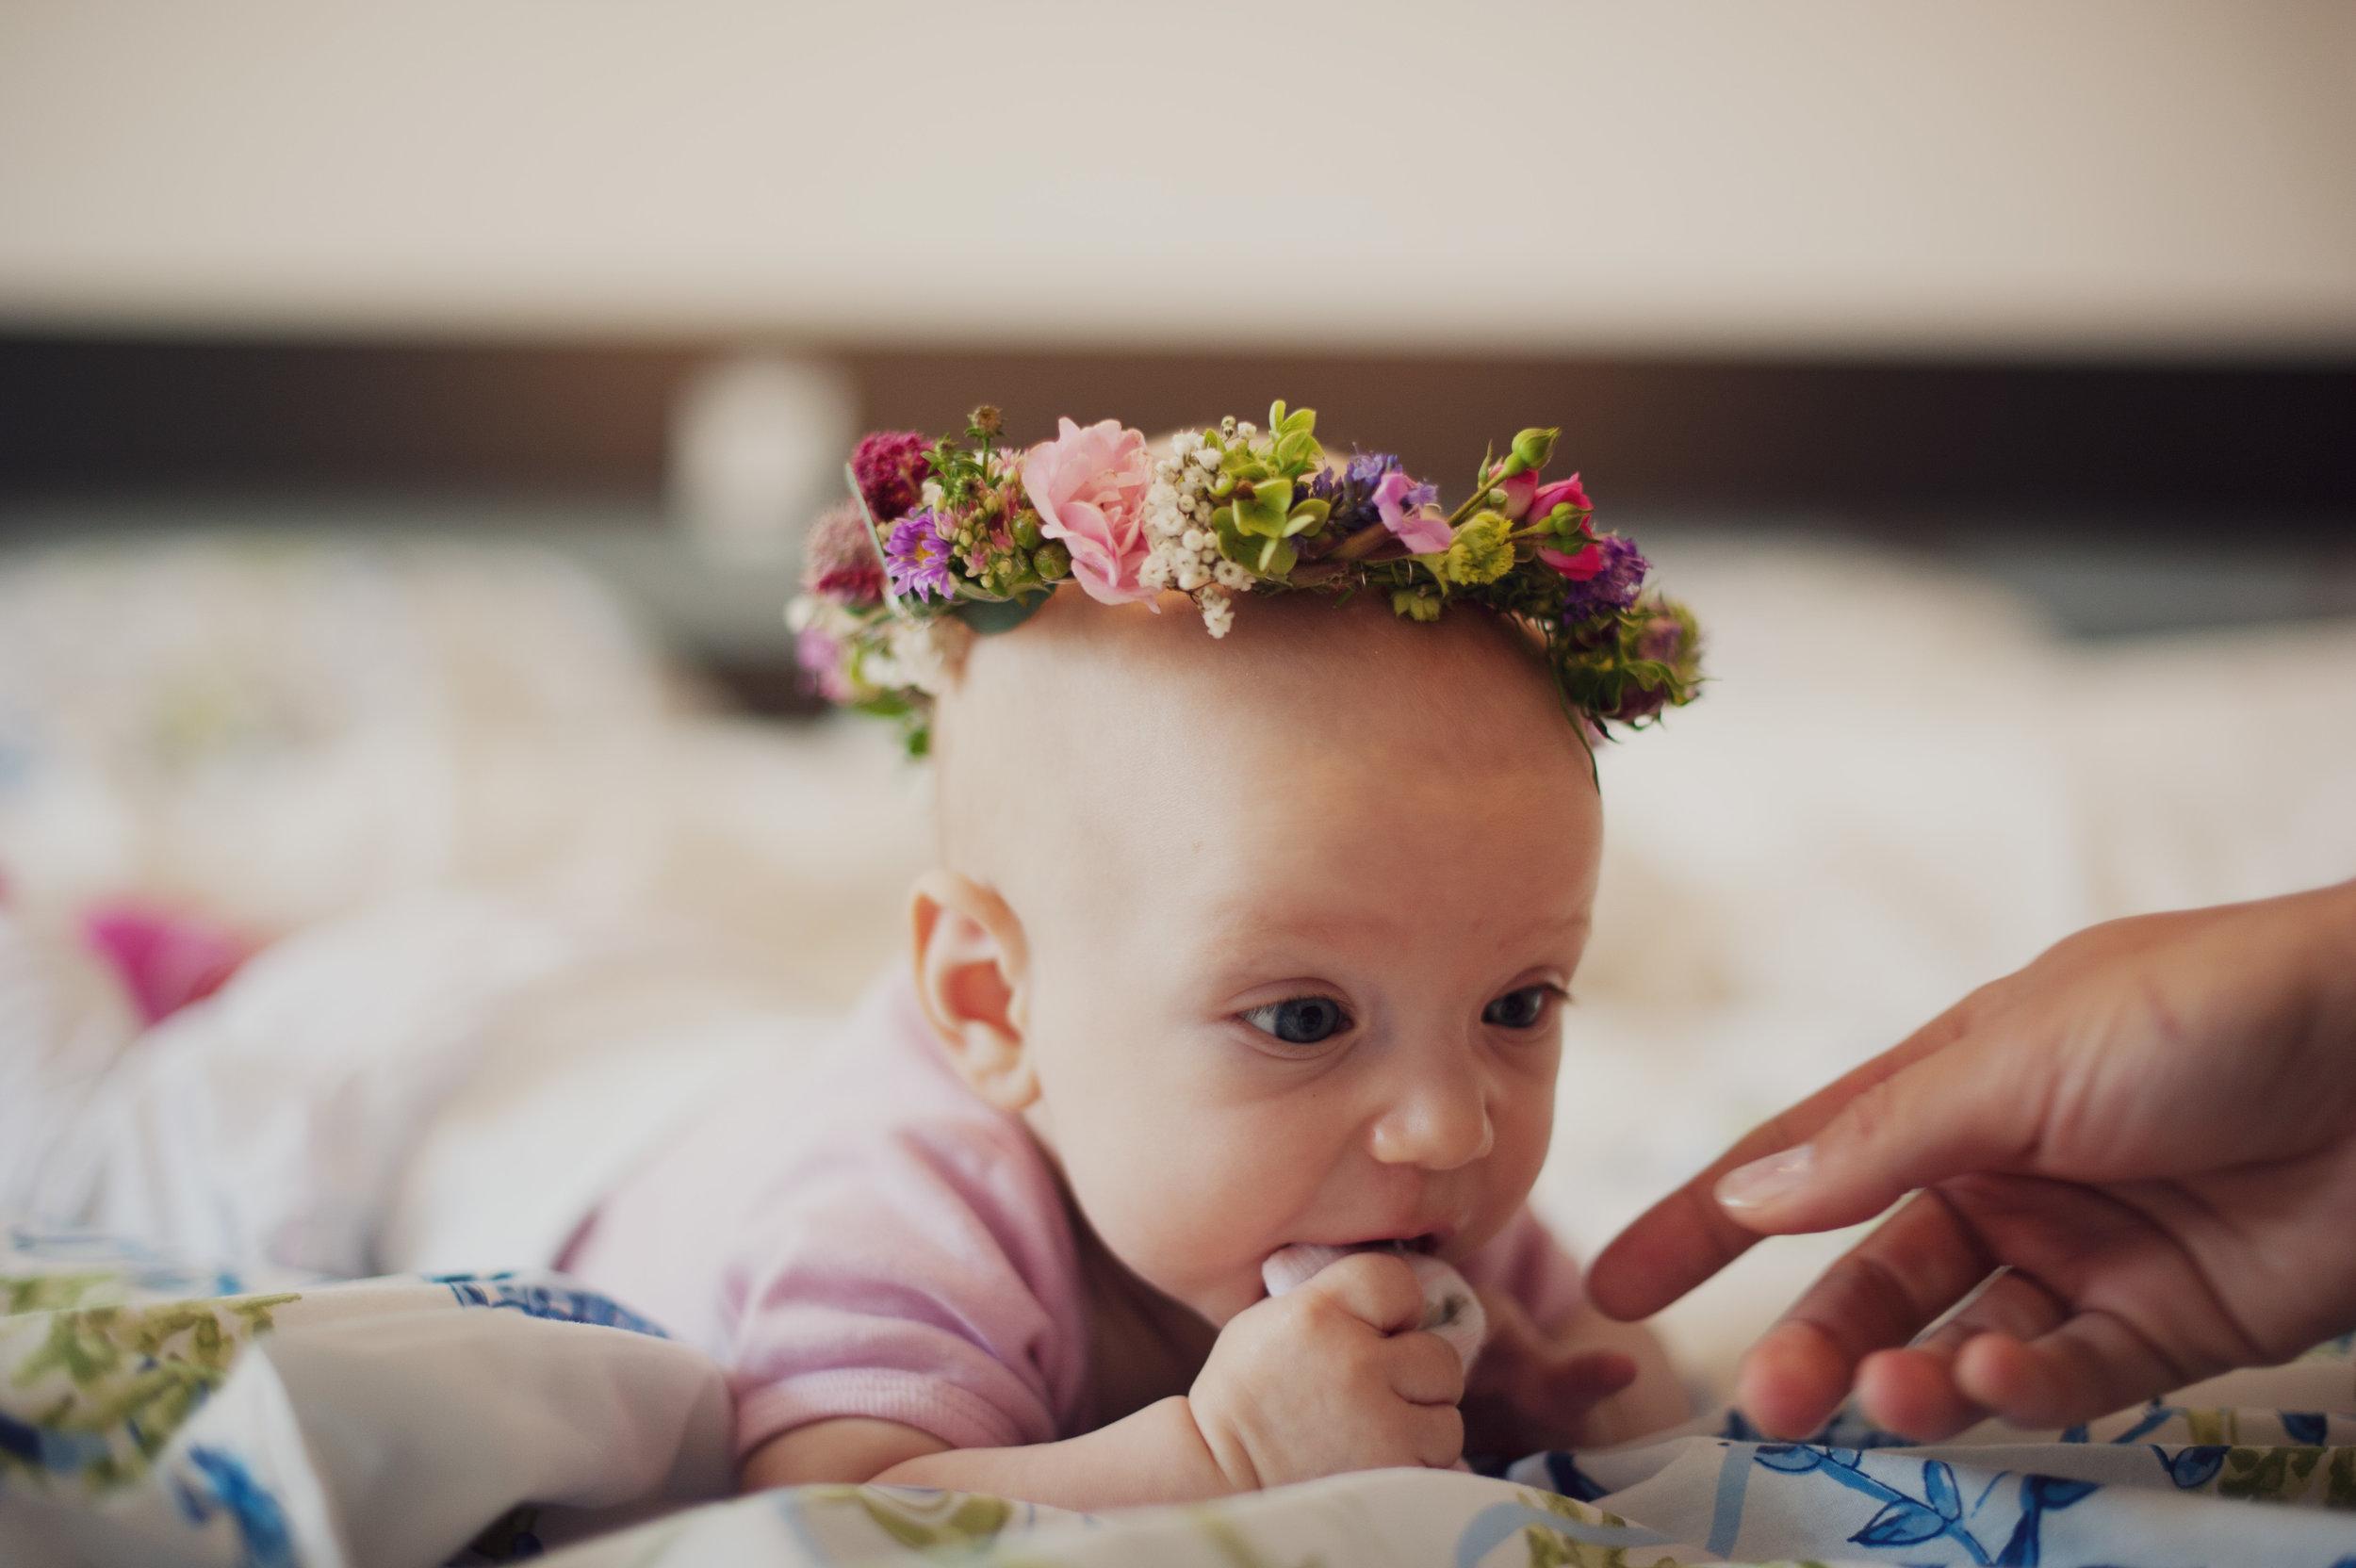 hochzeit-blumenkranz-neugeboren-baby-kind-taufe.jpg